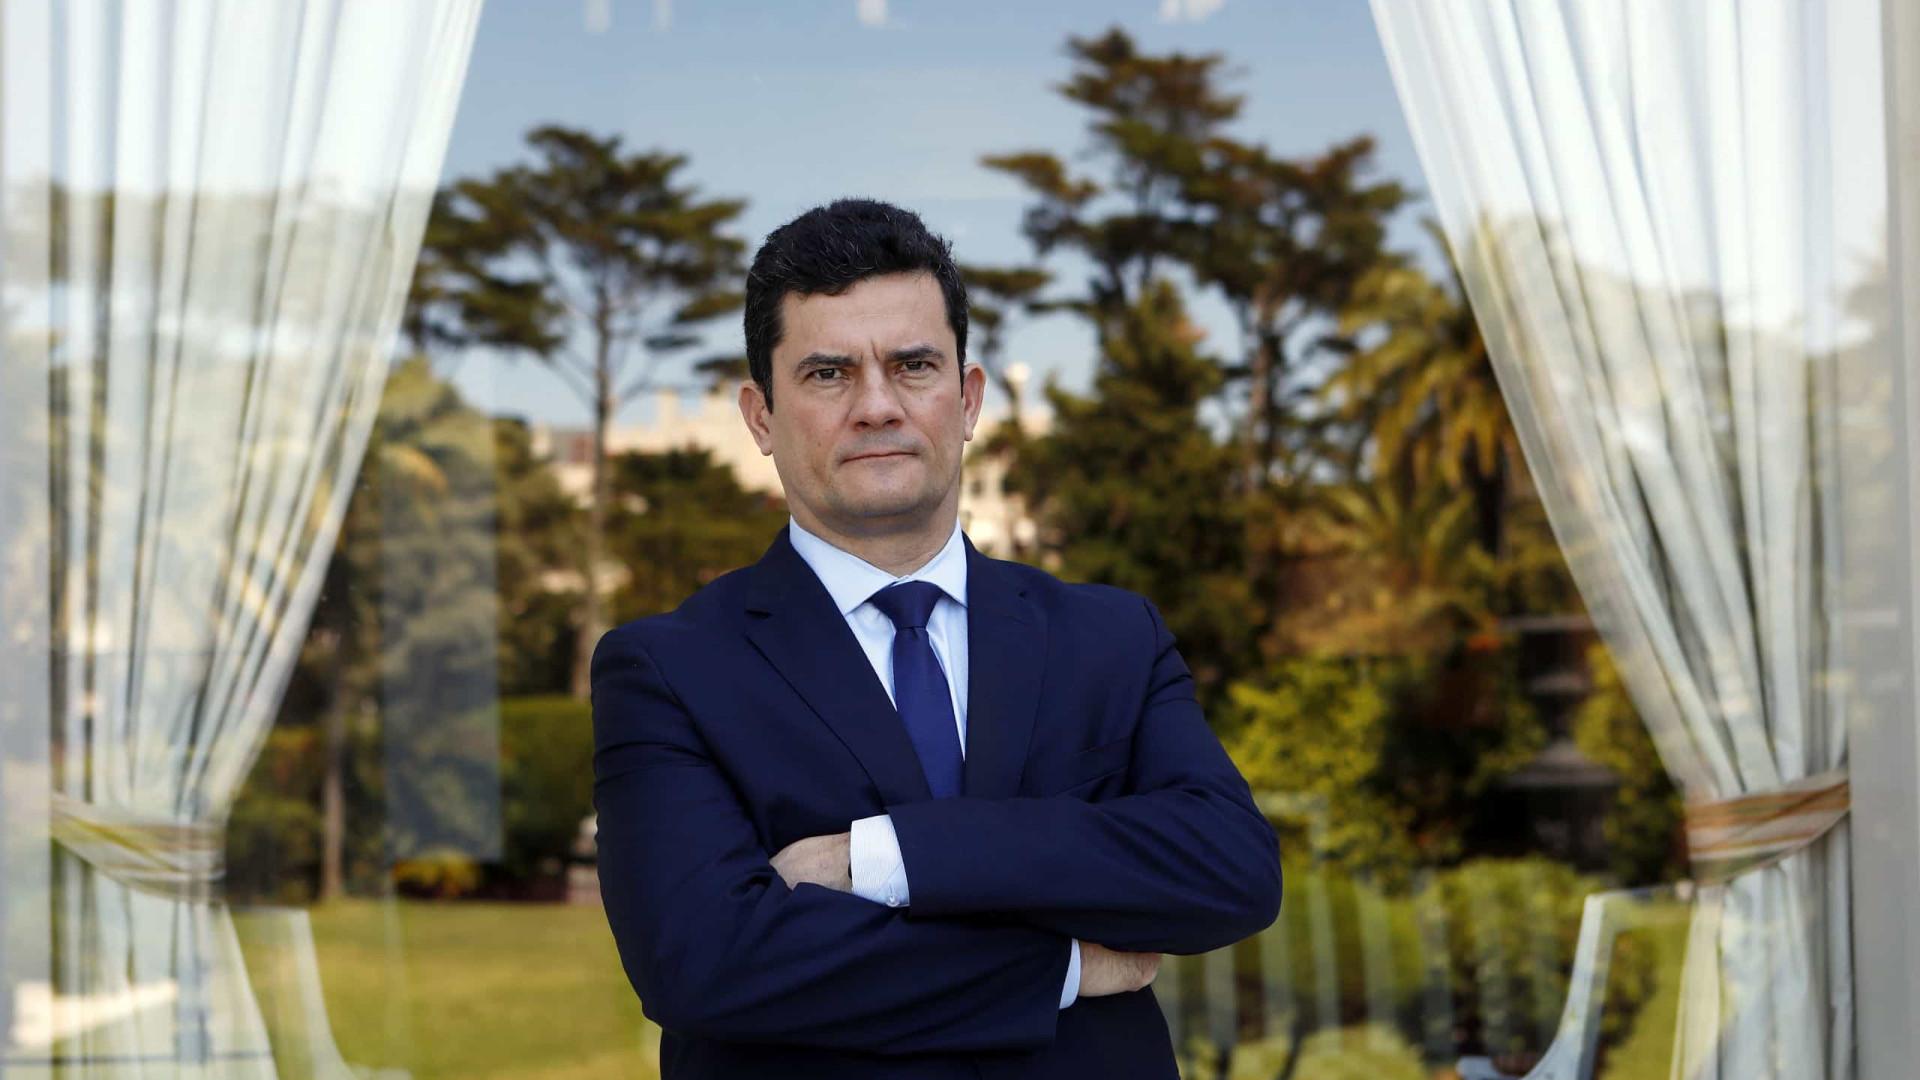 Sergio Moro diz que abandona Governo caso se provem irregularidades